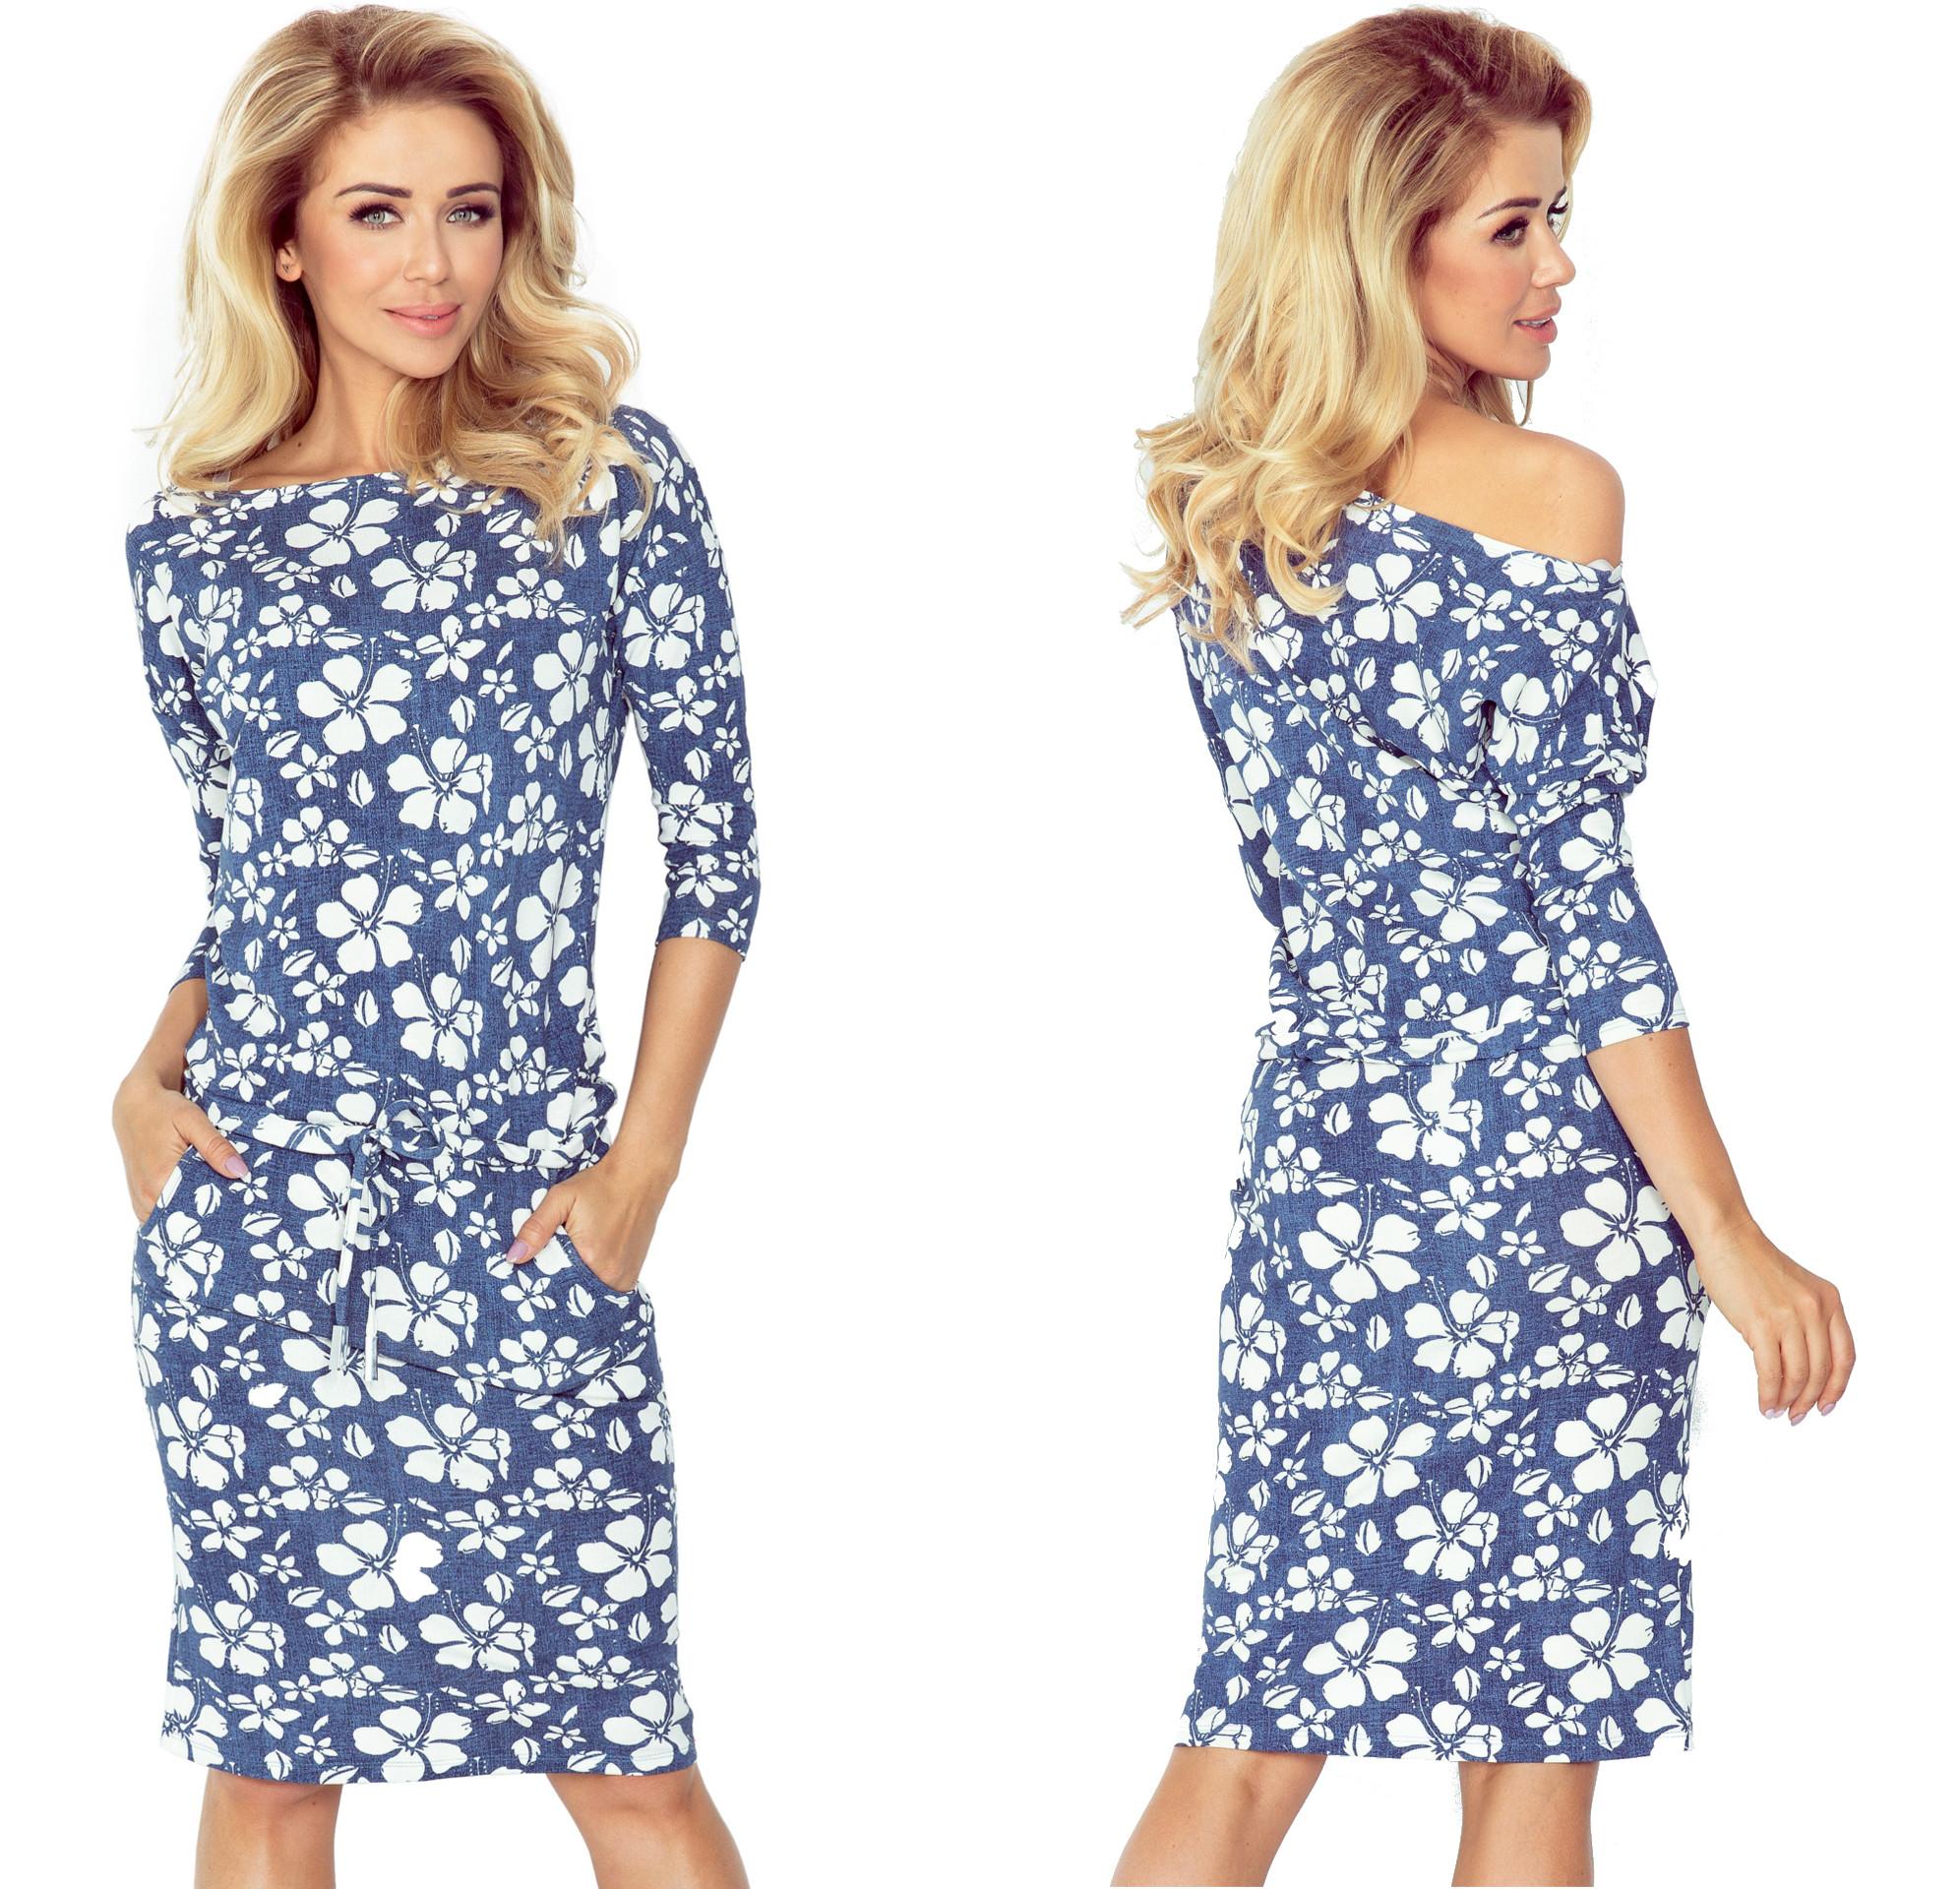 c2fcd72d97 Sukienka Dla Puszystych DUŻE ROZMIARY 13-62 XXL 44 7414671944 - Allegro.pl